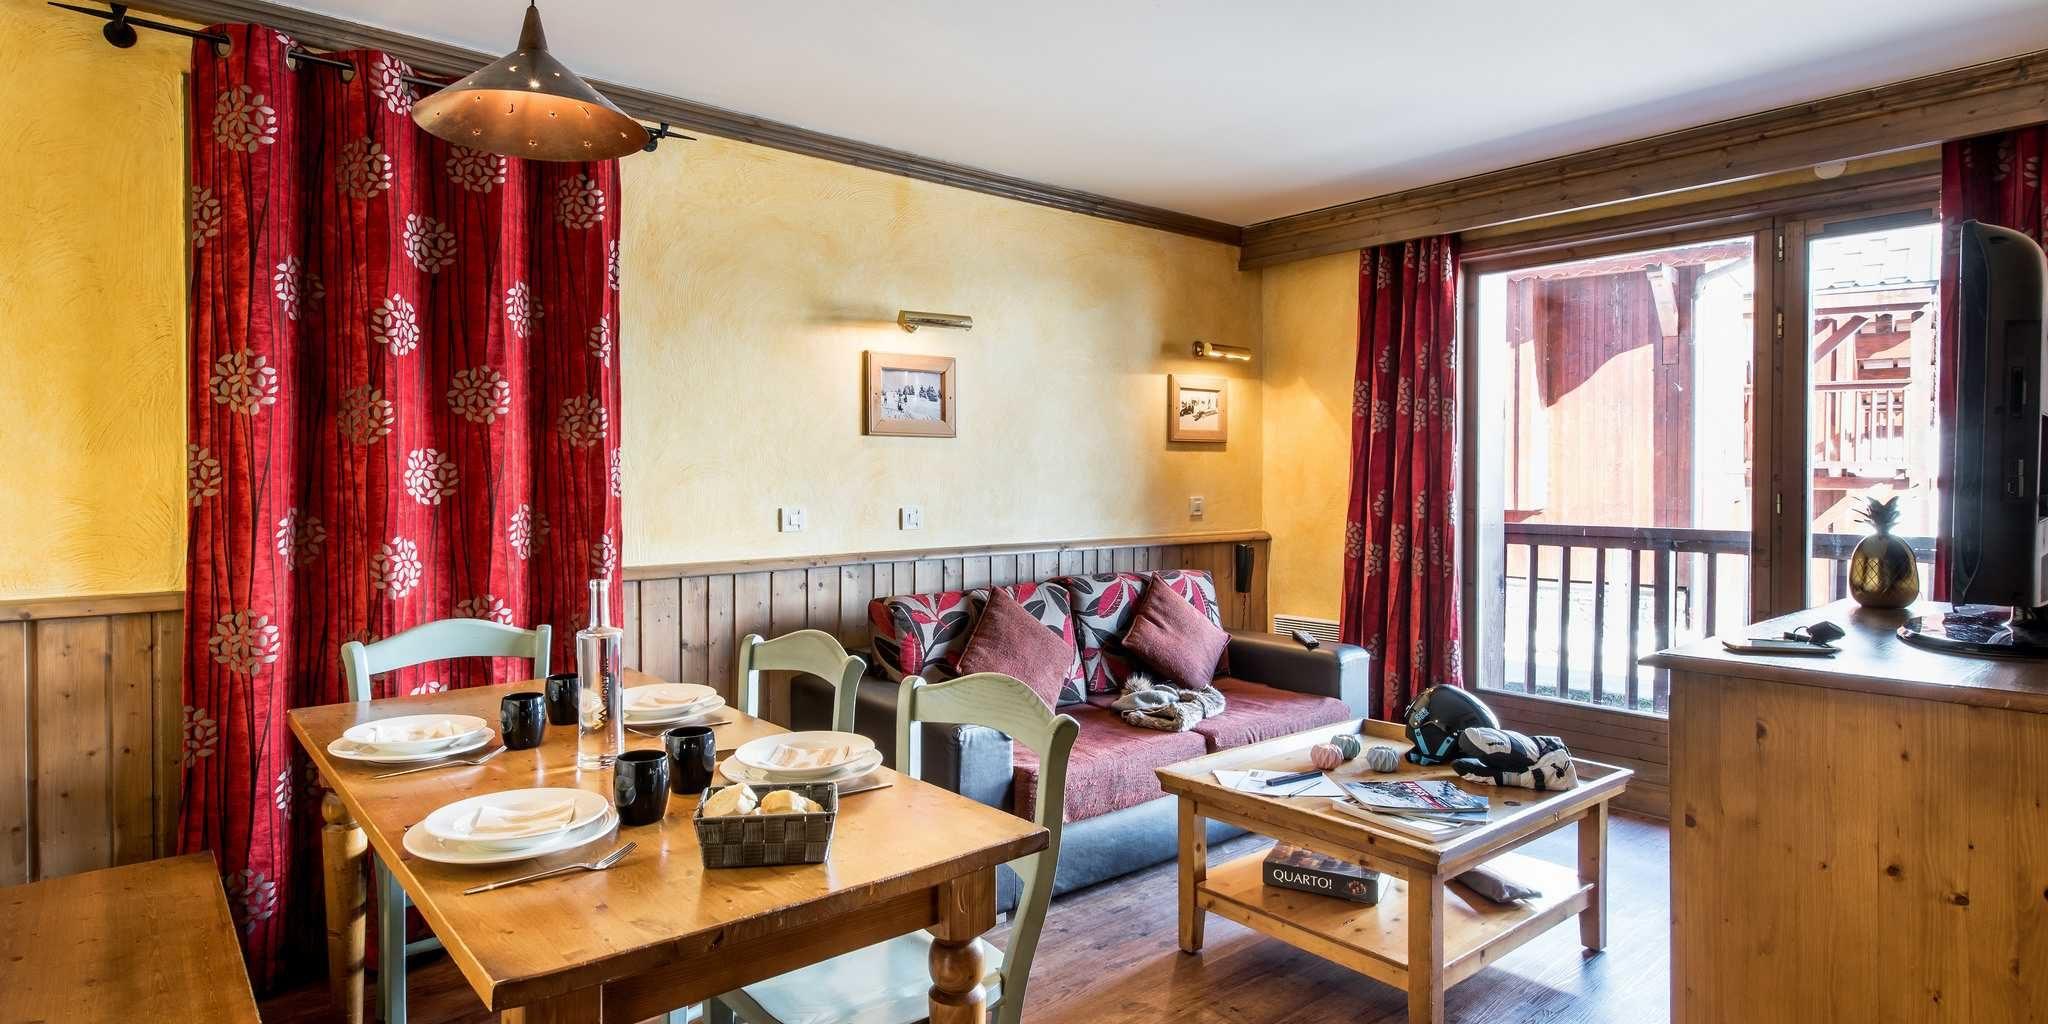 Residences Village Montana Tignes Tignes-Val d'Isere Frankrijk wintersport skivakantie luxe living 3K6 gedekte tafel karaf bank kussens salontafel boek TV rode gordijnen schilderijen balkon